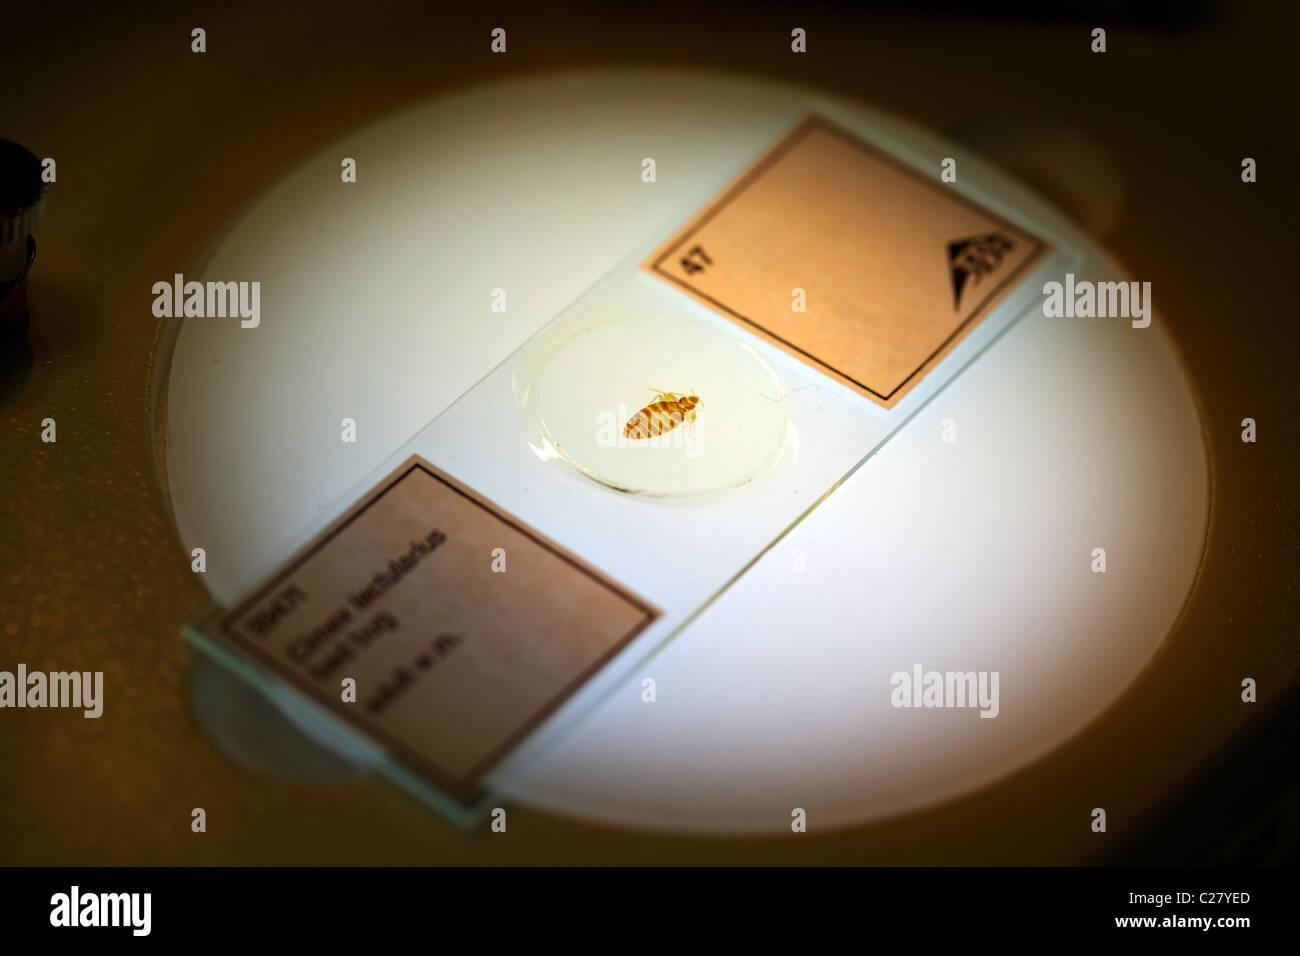 Piastre Petri contenenti un insetto sotto un microscopio in un laboratorio Immagini Stock